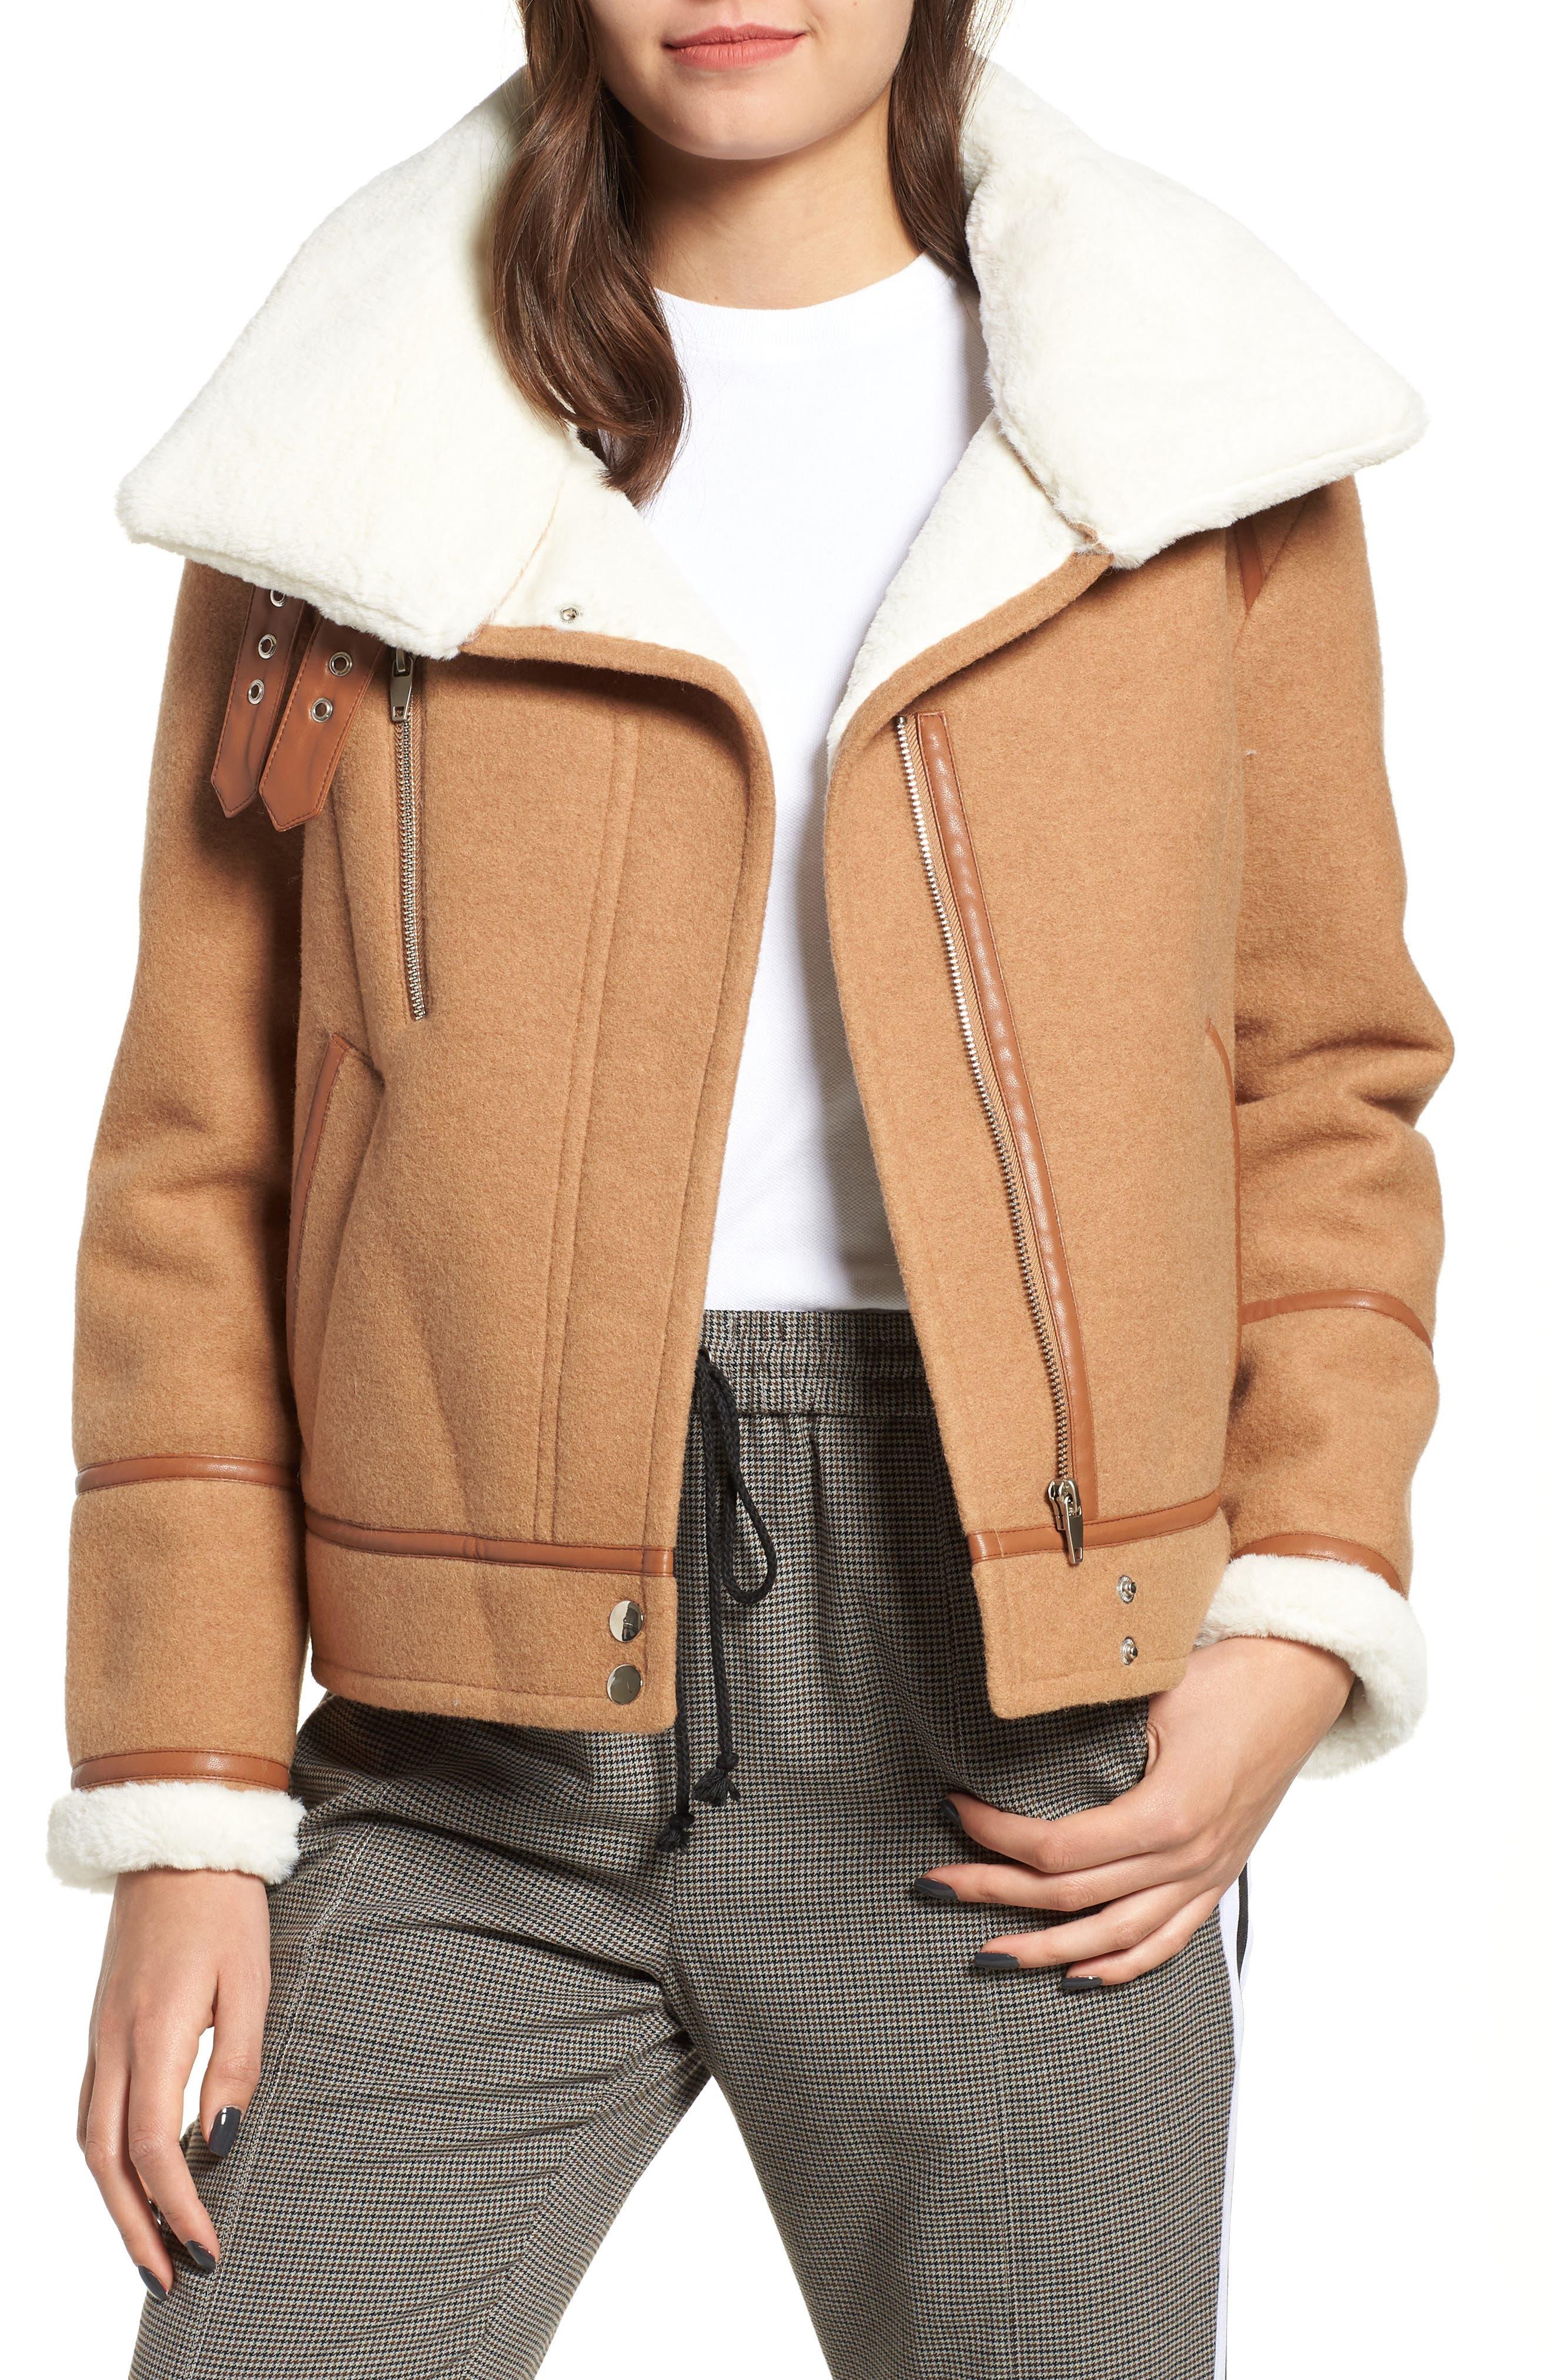 NVLT Brushed Melton Wool Blend Jacket, Main, color, CAMEL/ CREAM